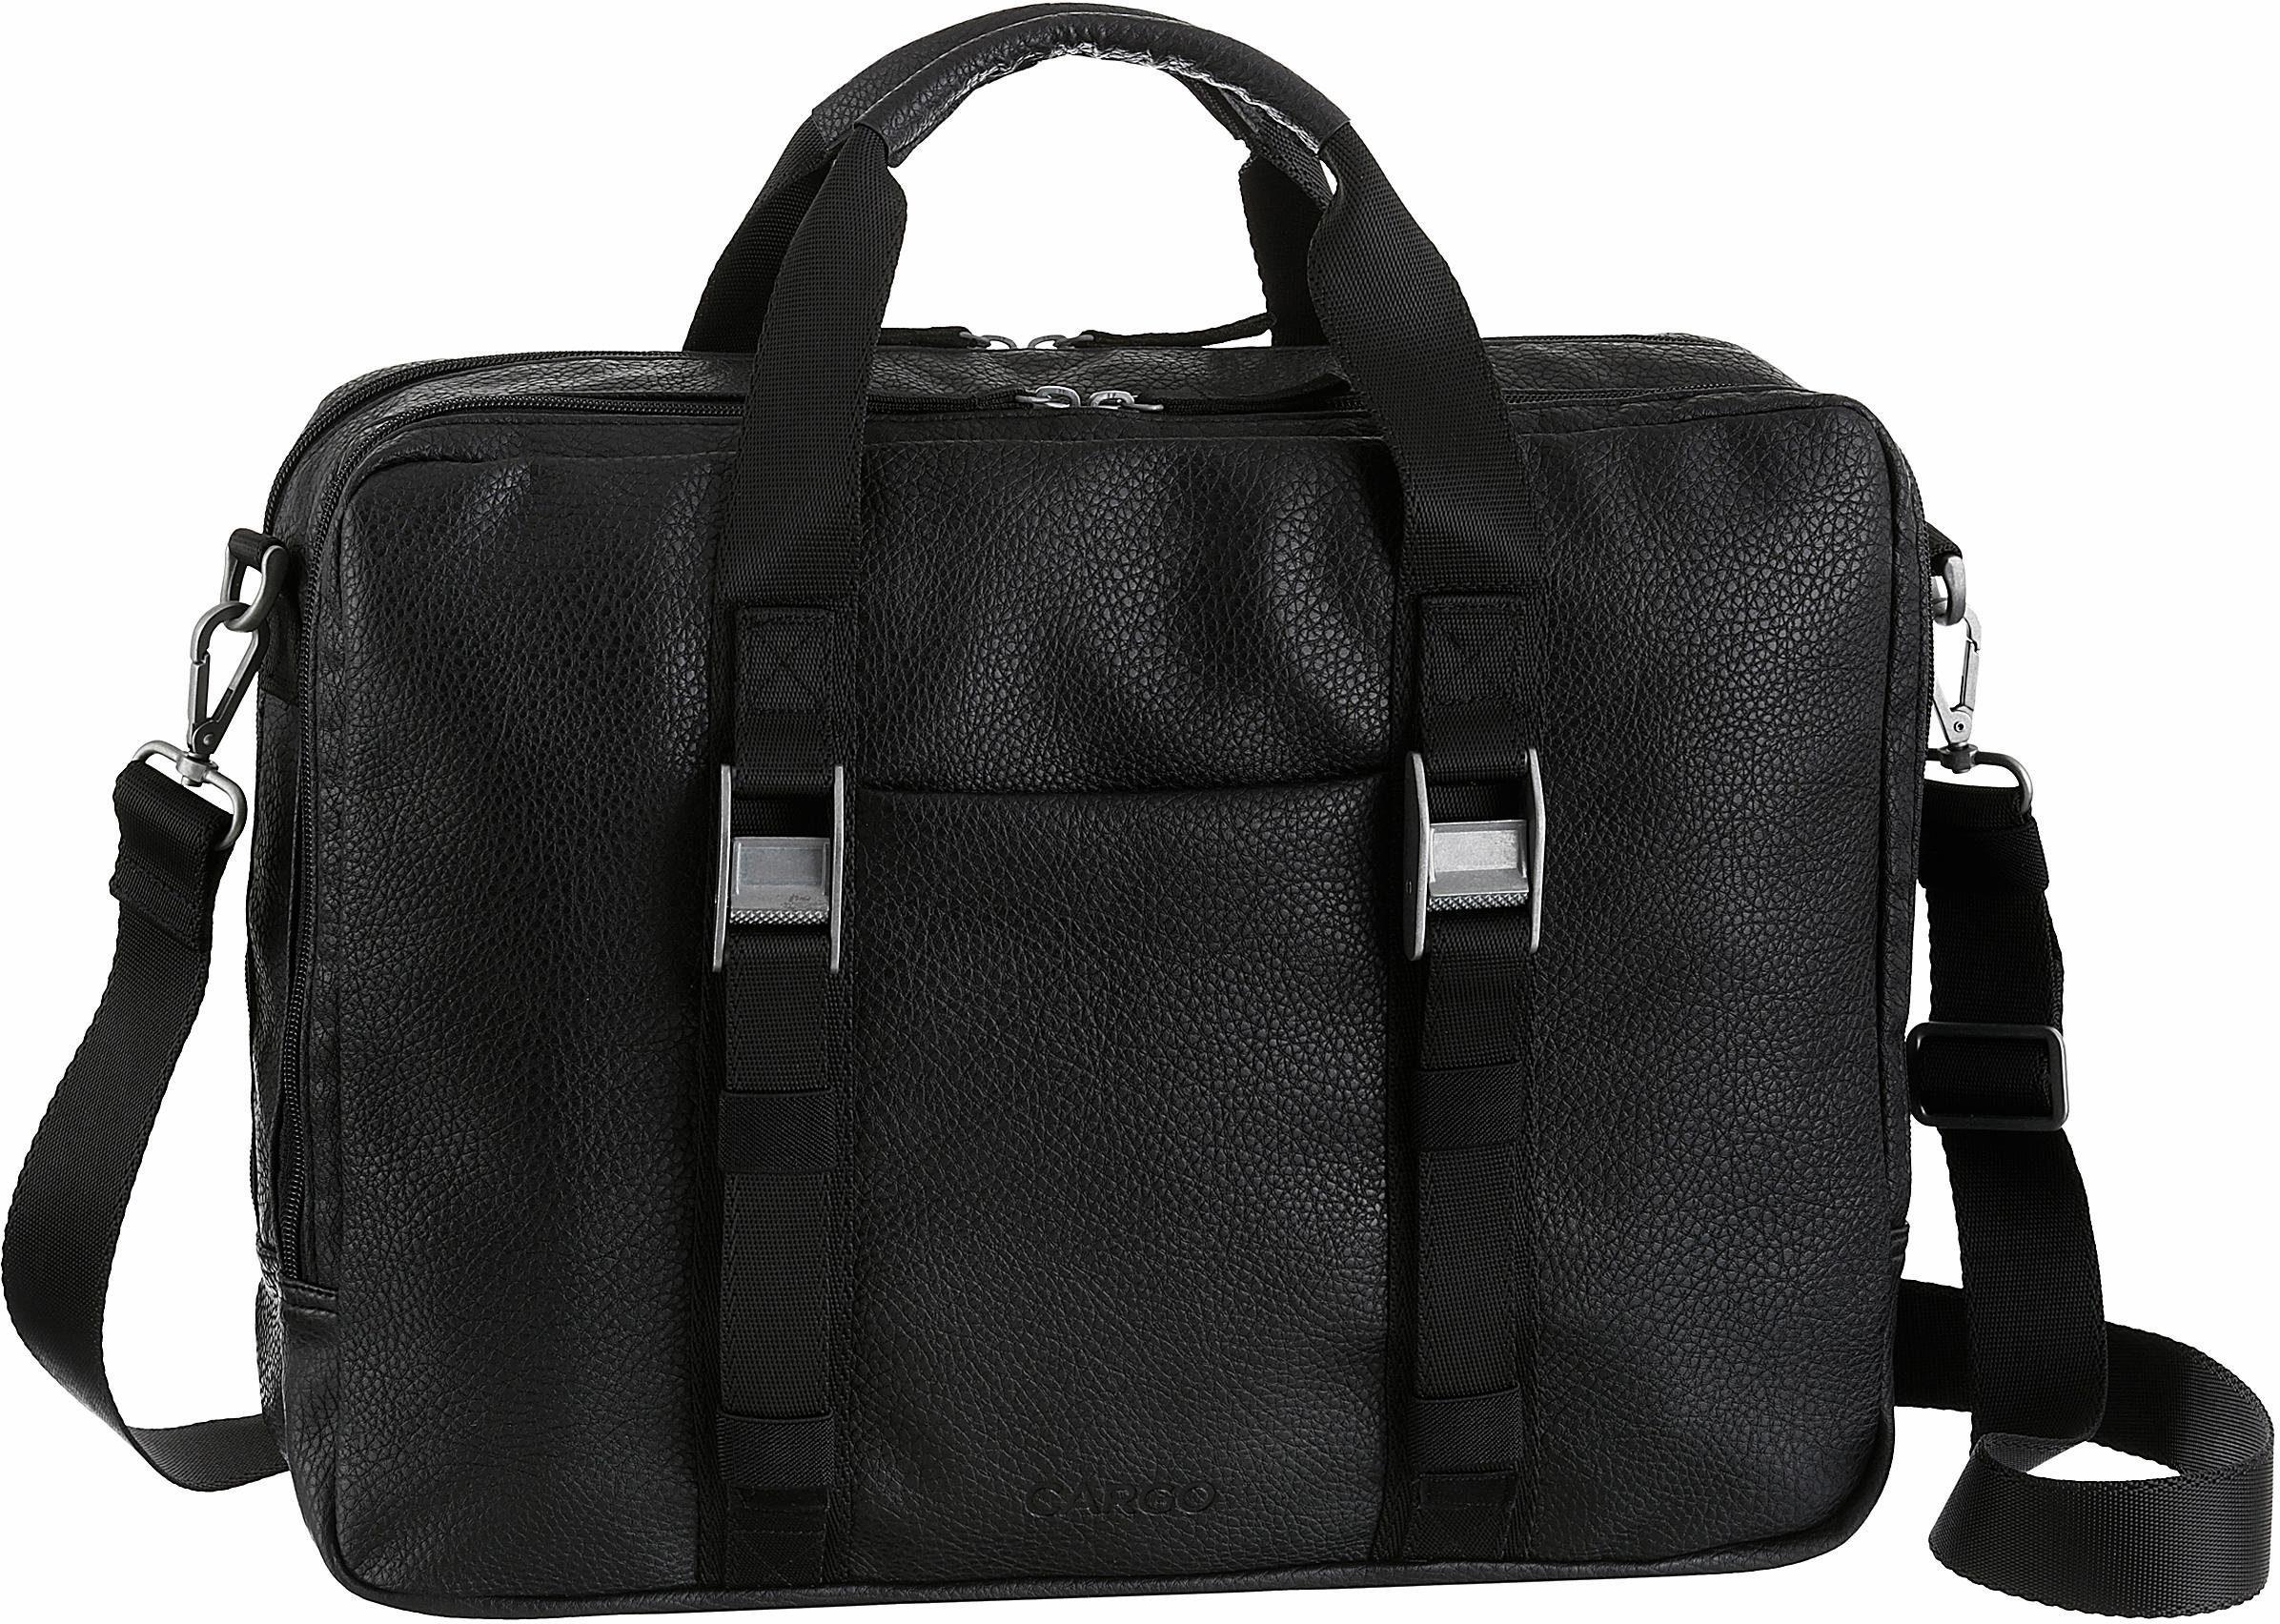 CARGO Businesstasche mit 13-Zoll Laptopfach, »Cargo 302, schwarz, 2 Fächer«